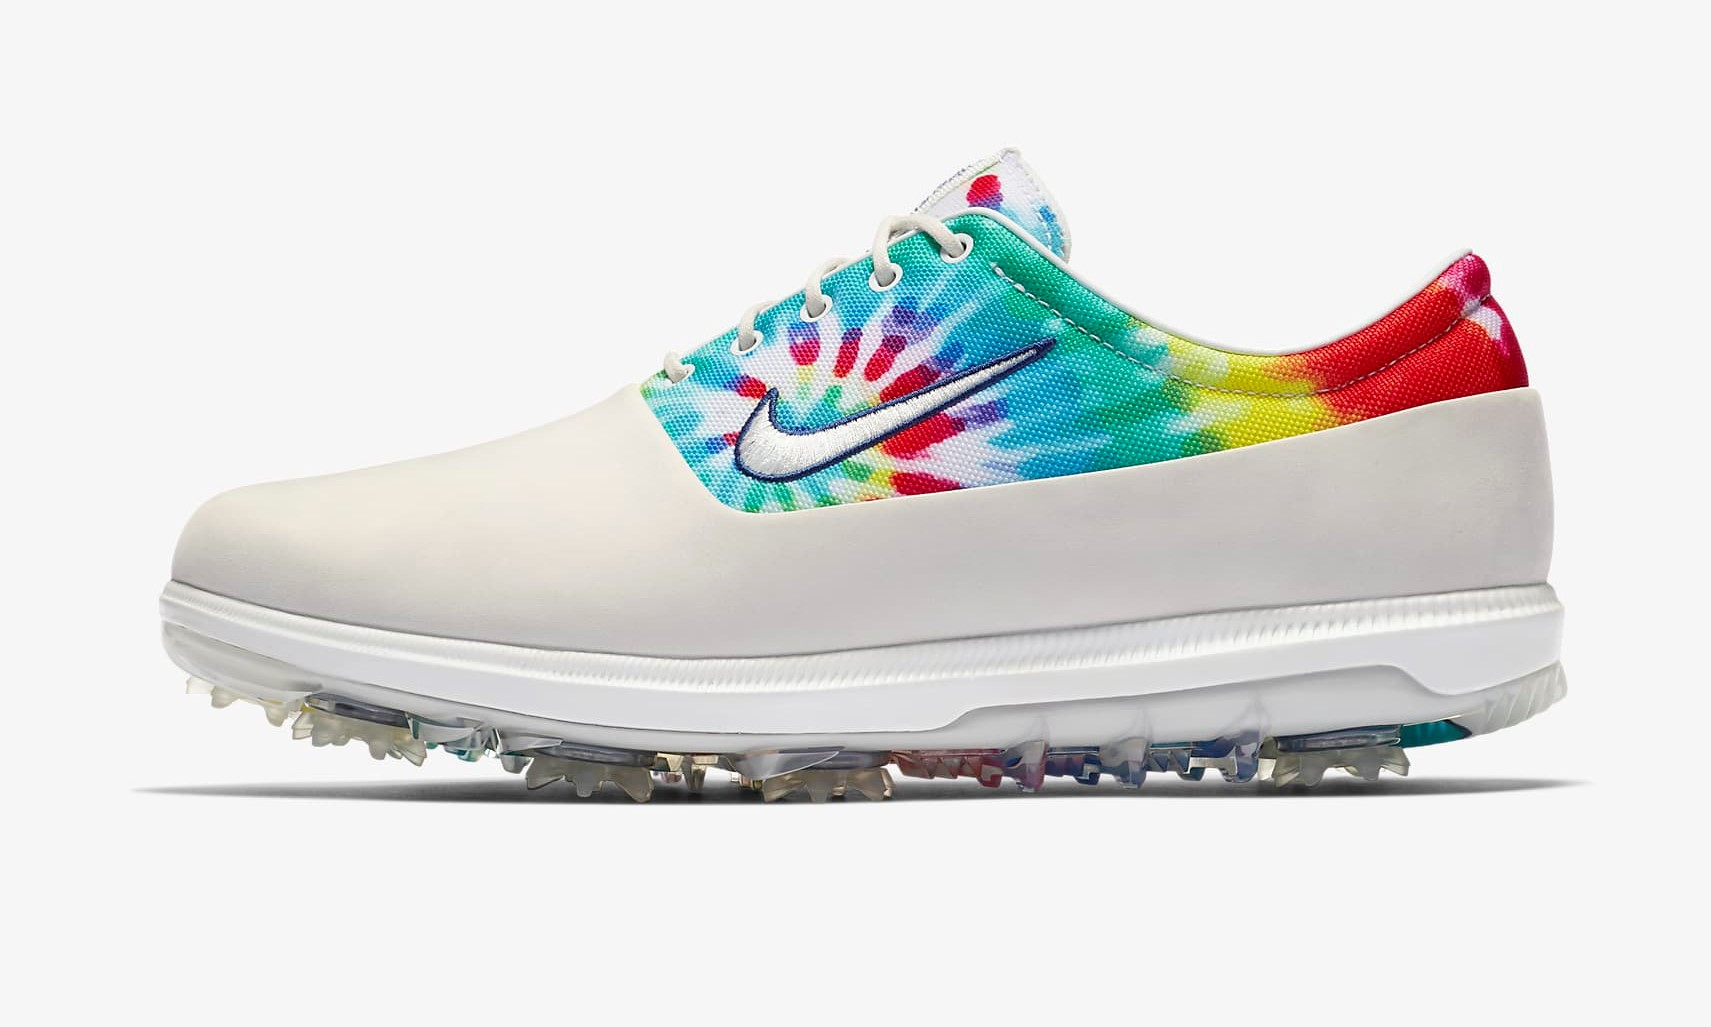 best nike golf shoe